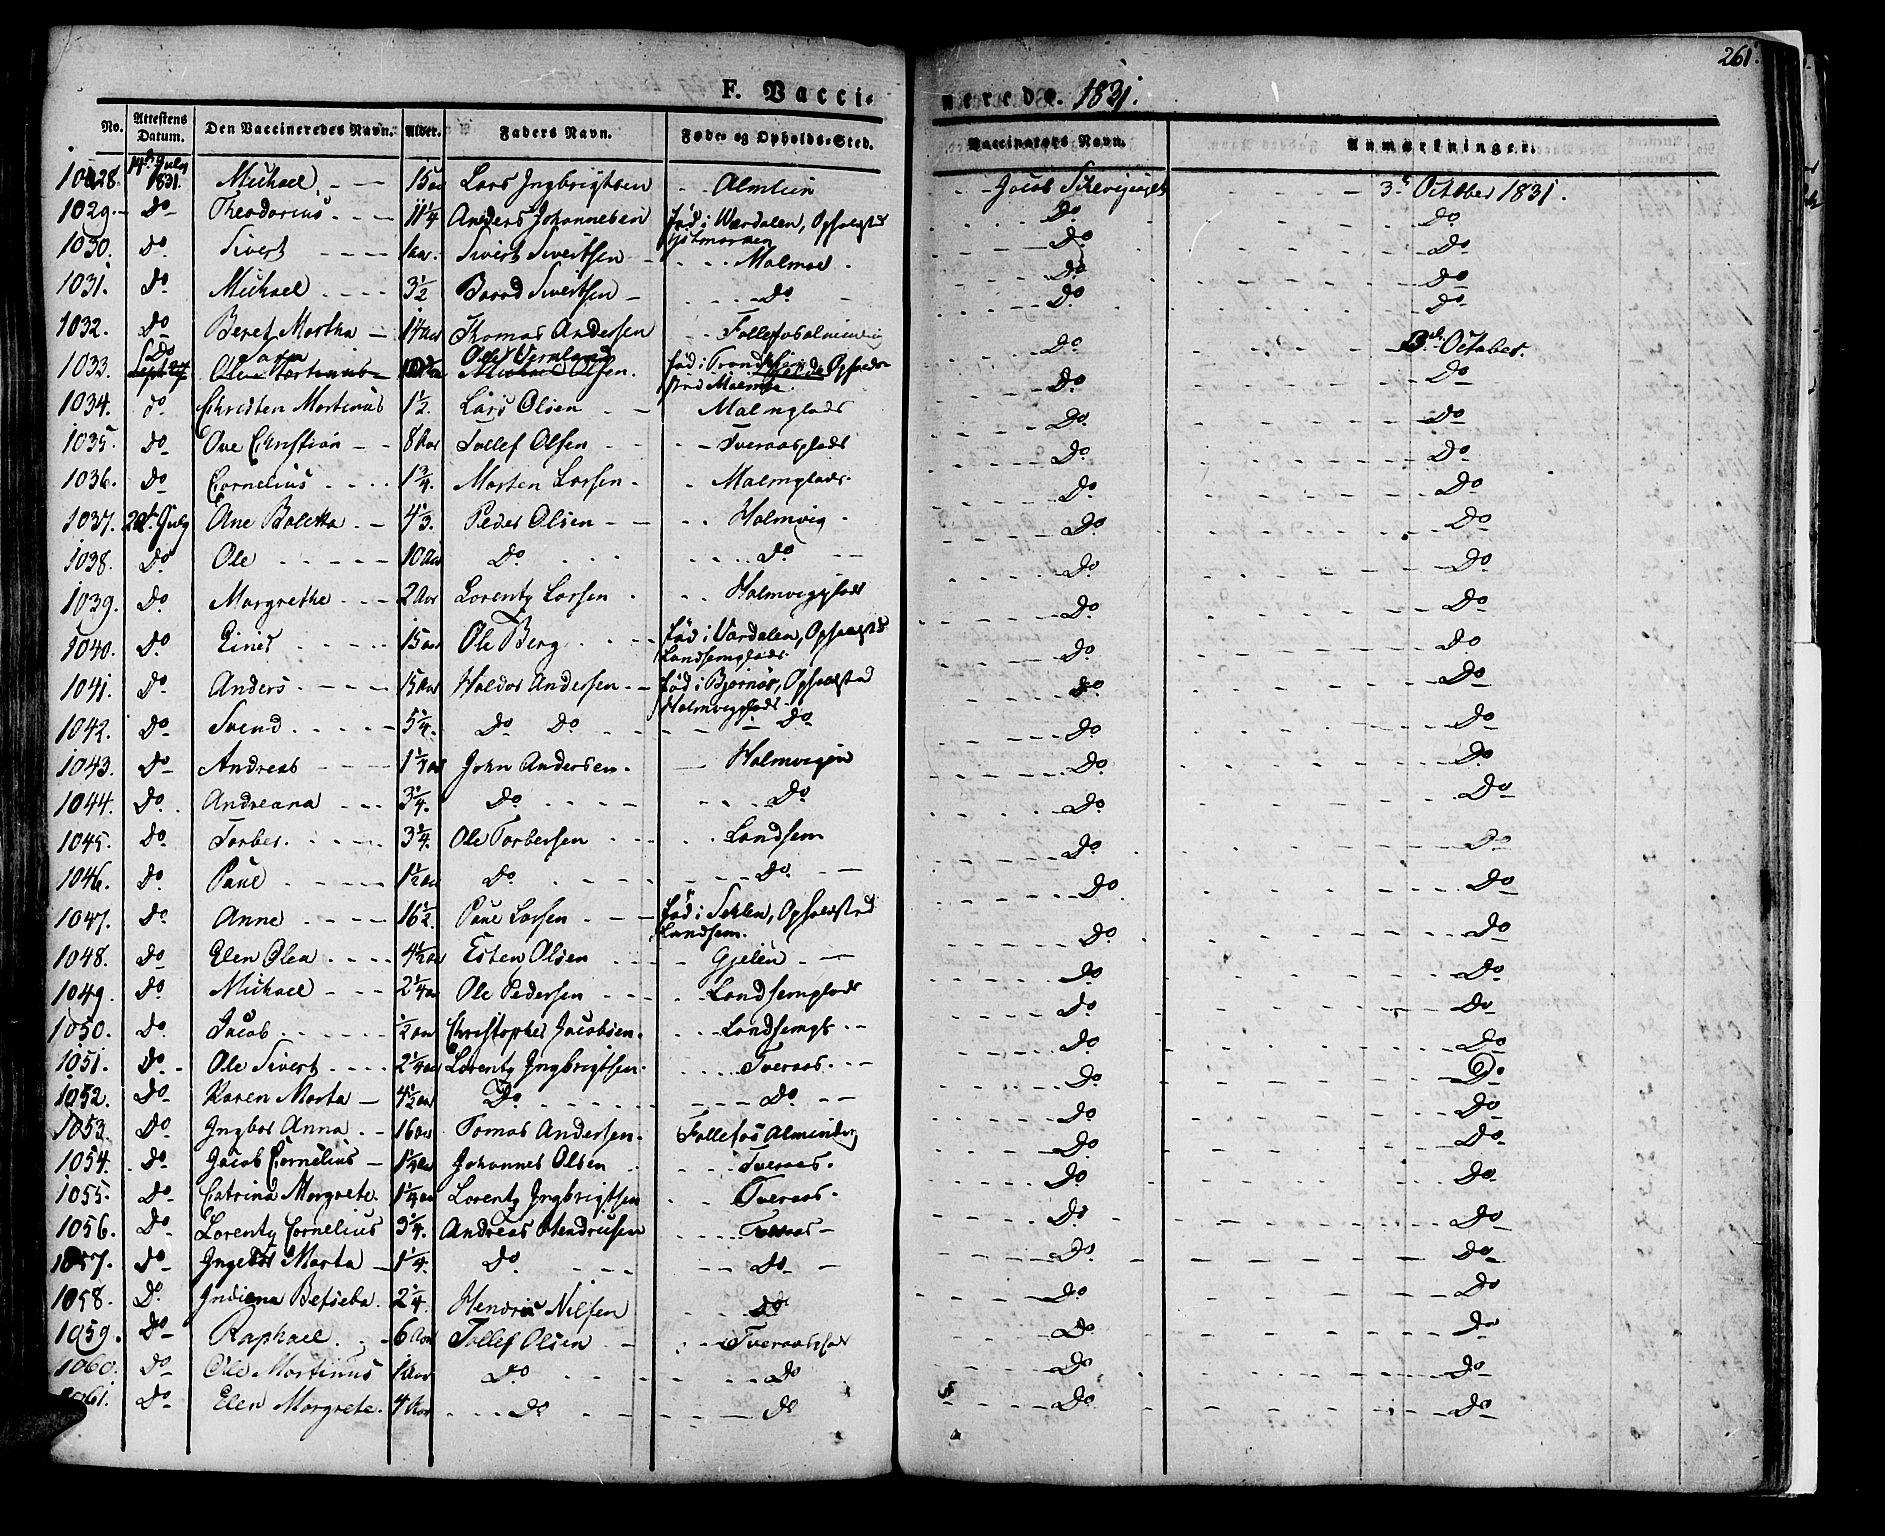 SAT, Ministerialprotokoller, klokkerbøker og fødselsregistre - Nord-Trøndelag, 741/L0390: Ministerialbok nr. 741A04, 1822-1836, s. 261